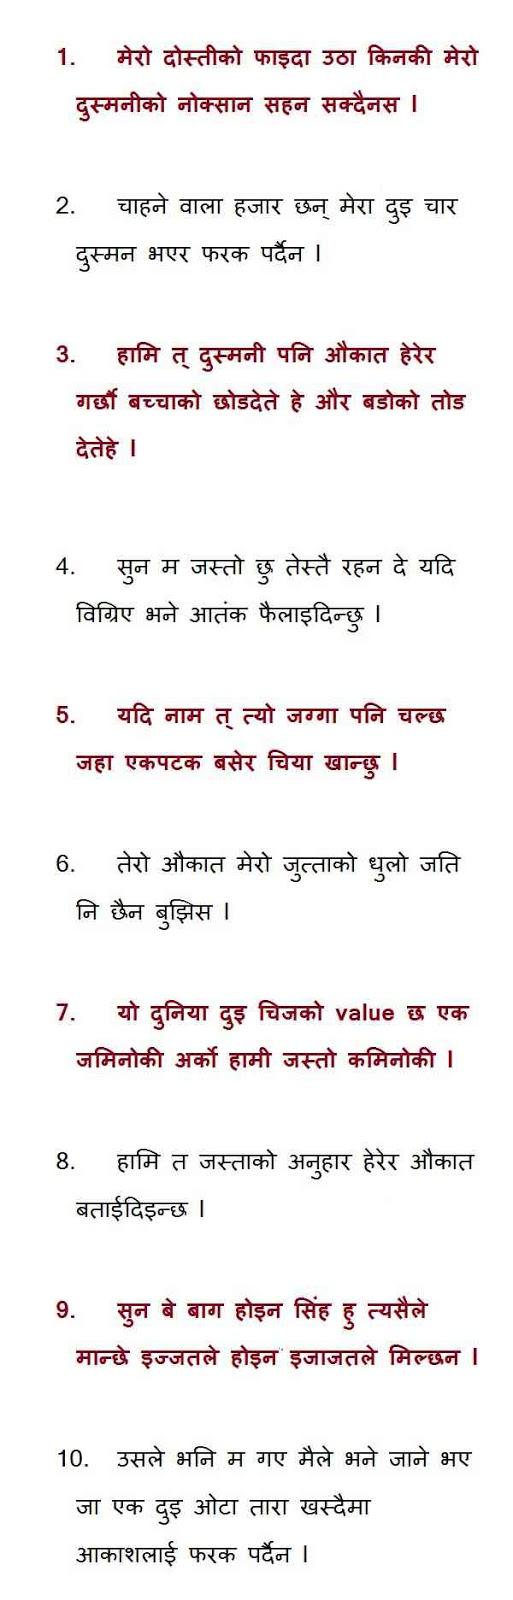 Funny Whatsapp Status In Nepali : funny, whatsapp, status, nepali, Funny, Whatsapp, Status, Nepali